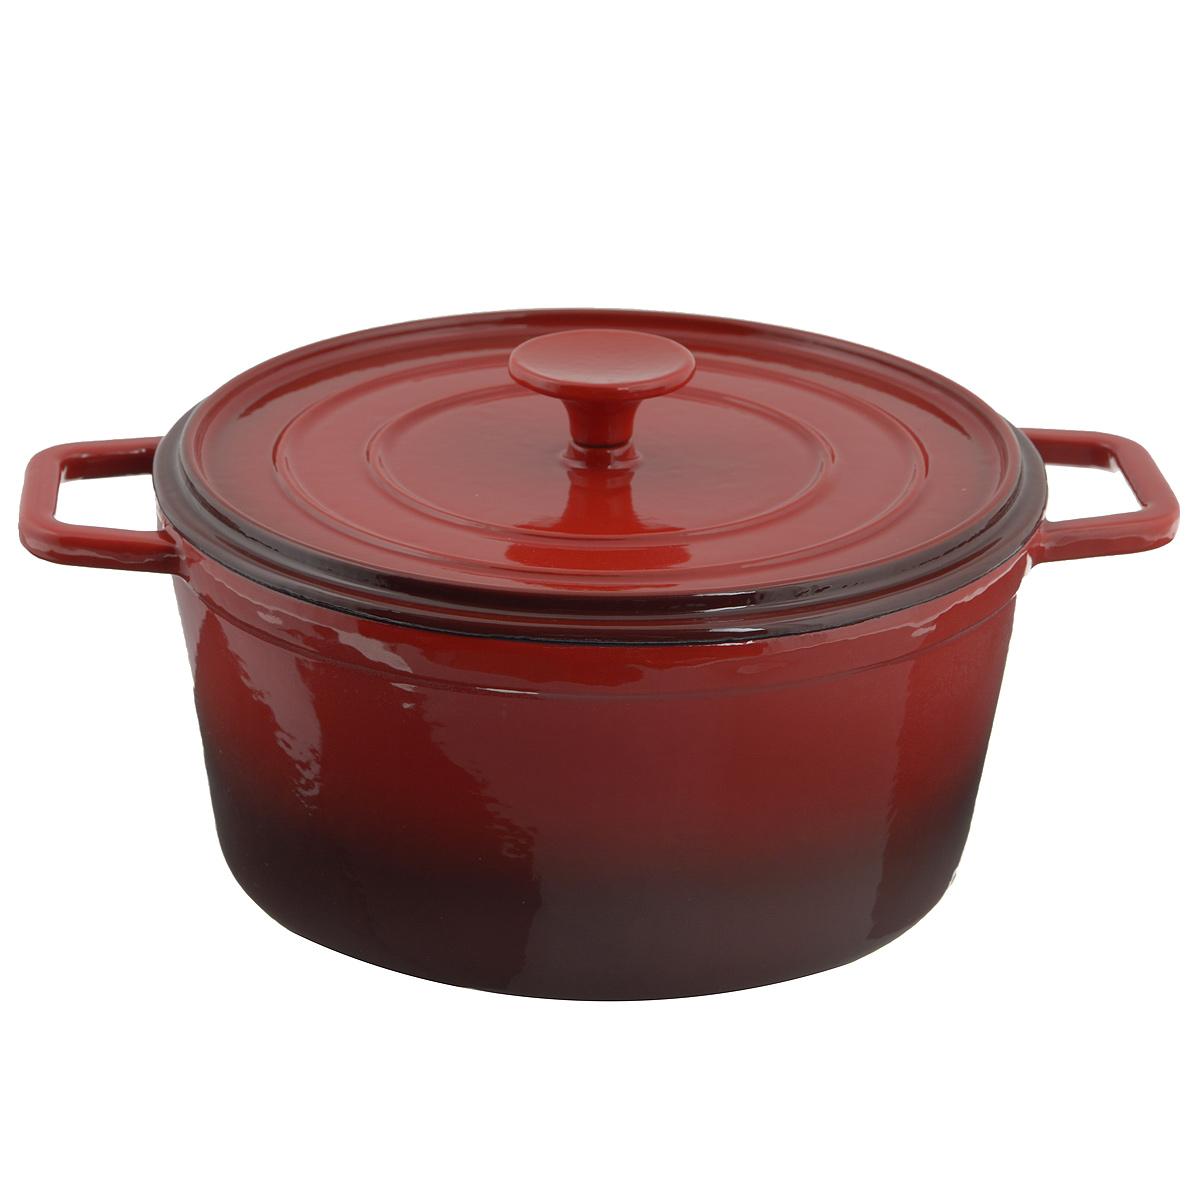 Кастрюля Mayer & Boch с крышкой, с эмалевым покрытием, 5 л22049Кастрюля Mayer & Boch, изготовленная из чугуна, идеально подходит для приготовления вкусных тушеных блюд. Она имеет внутреннее стекловидное эмалевое покрытие. Чугун является традиционным высокопрочным, экологически чистым материалом. Причем, чем дольше и чаще вы пользуетесь этой посудой, тем лучше становятся ее свойства. Высокая теплоемкость чугуна позволяет ему сильно нагреваться и медленно остывать, а это в свою очередь обеспечивает равномерное приготовление пищи. Чугун не вступает в какие-либо химические реакции с пищей в процессе приготовления и хранения, а плотное покрытие - безупречное препятствие для бактерий и запахов. Пища, приготовленная в чугунной посуде, благодаря экологической чистоте материала не может нанести вред здоровью человека. Кастрюля оснащена двумя удобными ручками. Крышка изготовлена из чугуна. Она плотно прилегает к краю казана, сохраняя аромат блюд. Можно использовать в духовом шкафу. Нельзя мыть в посудомоечной машине. Высота стенки: 12 см. ...